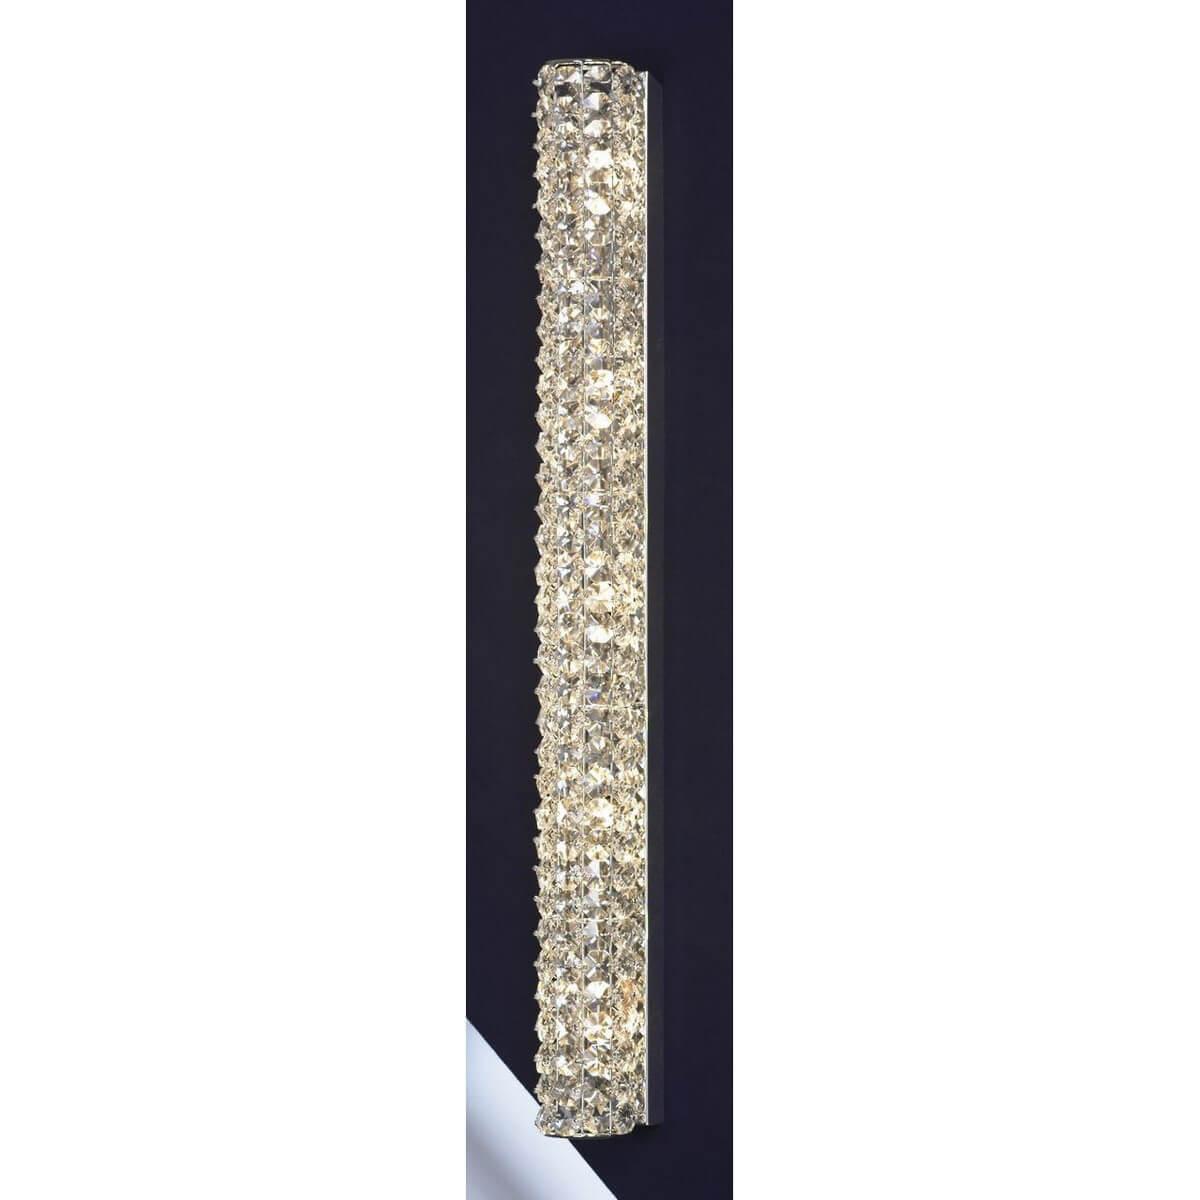 Светильник Lussole GRLSL-8701-05 Stintino цена 2017